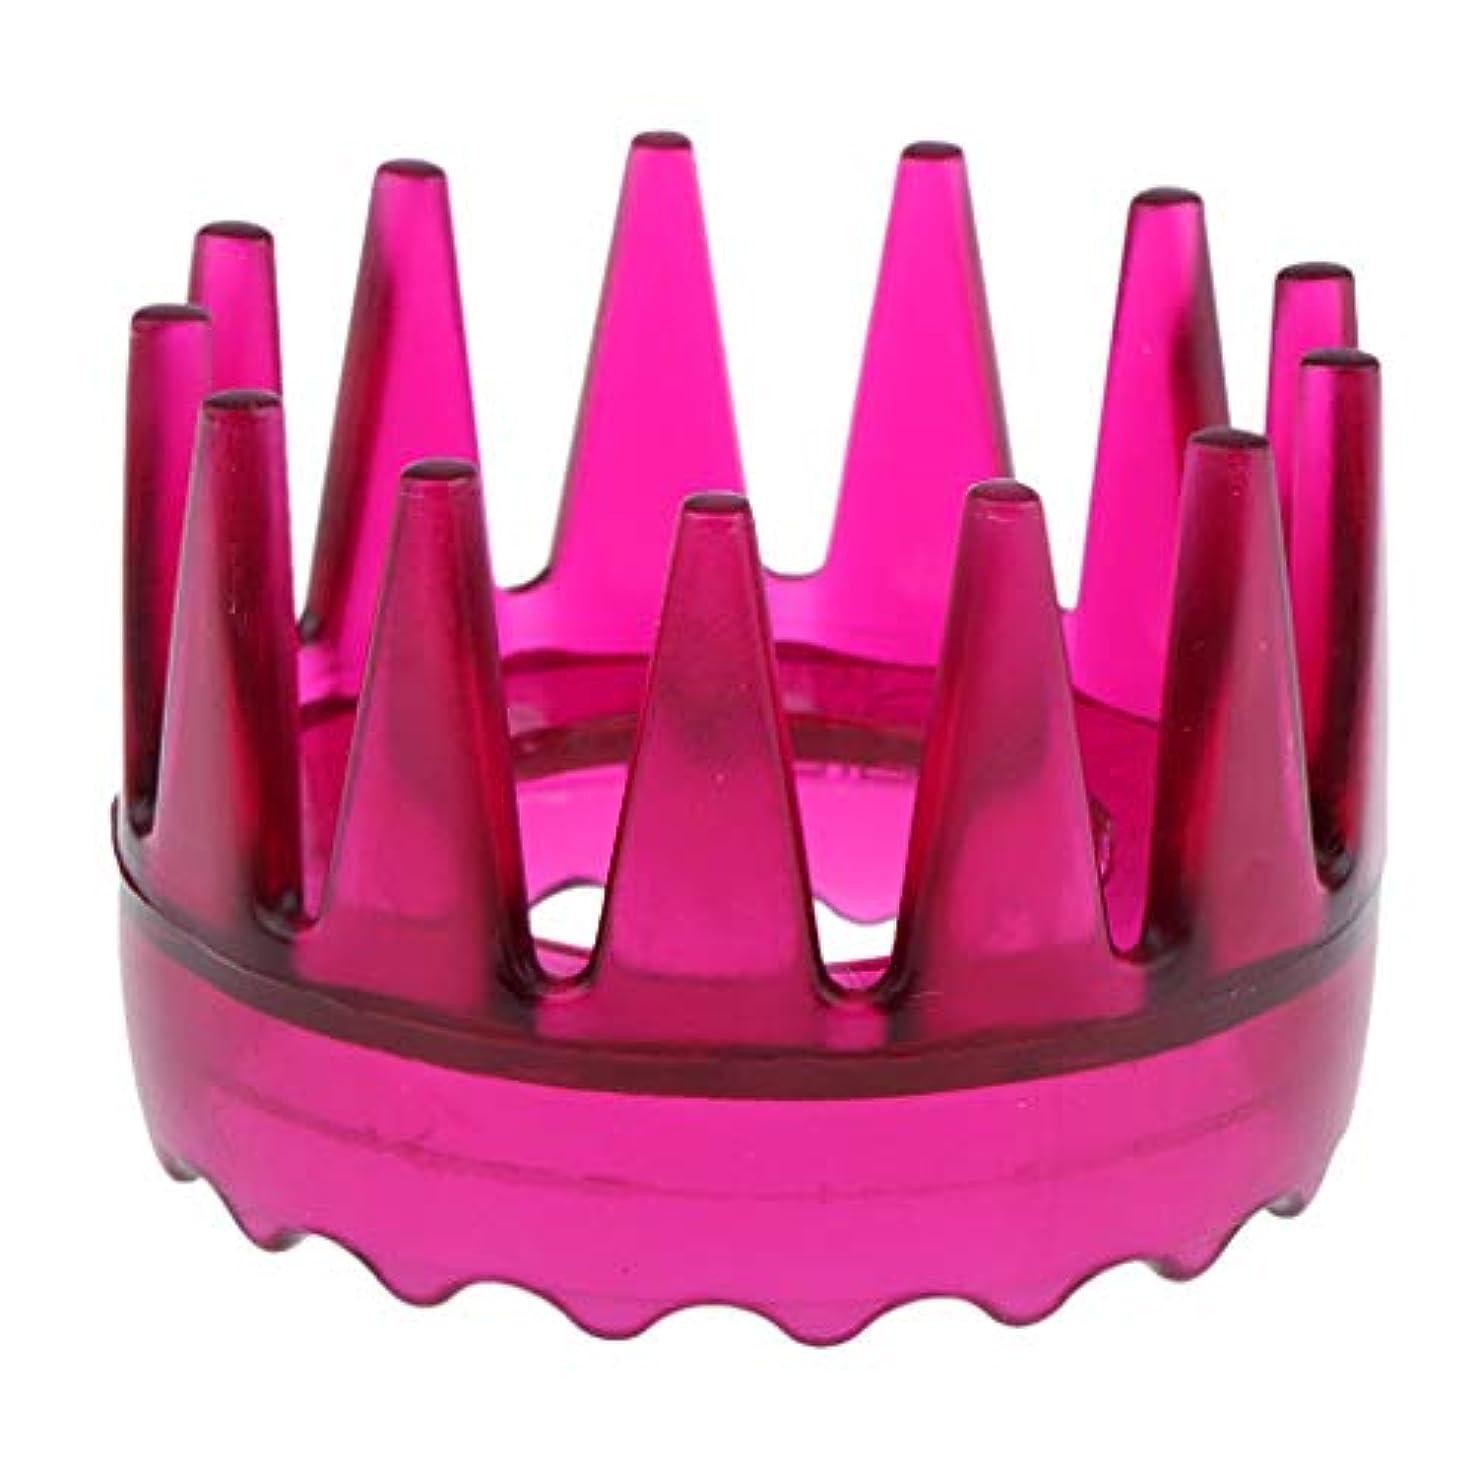 法廷チャンス個人的に頭皮マッサージ 櫛 シャワー シャンプー ヘアブラシ 4色選べ - ローズレッド